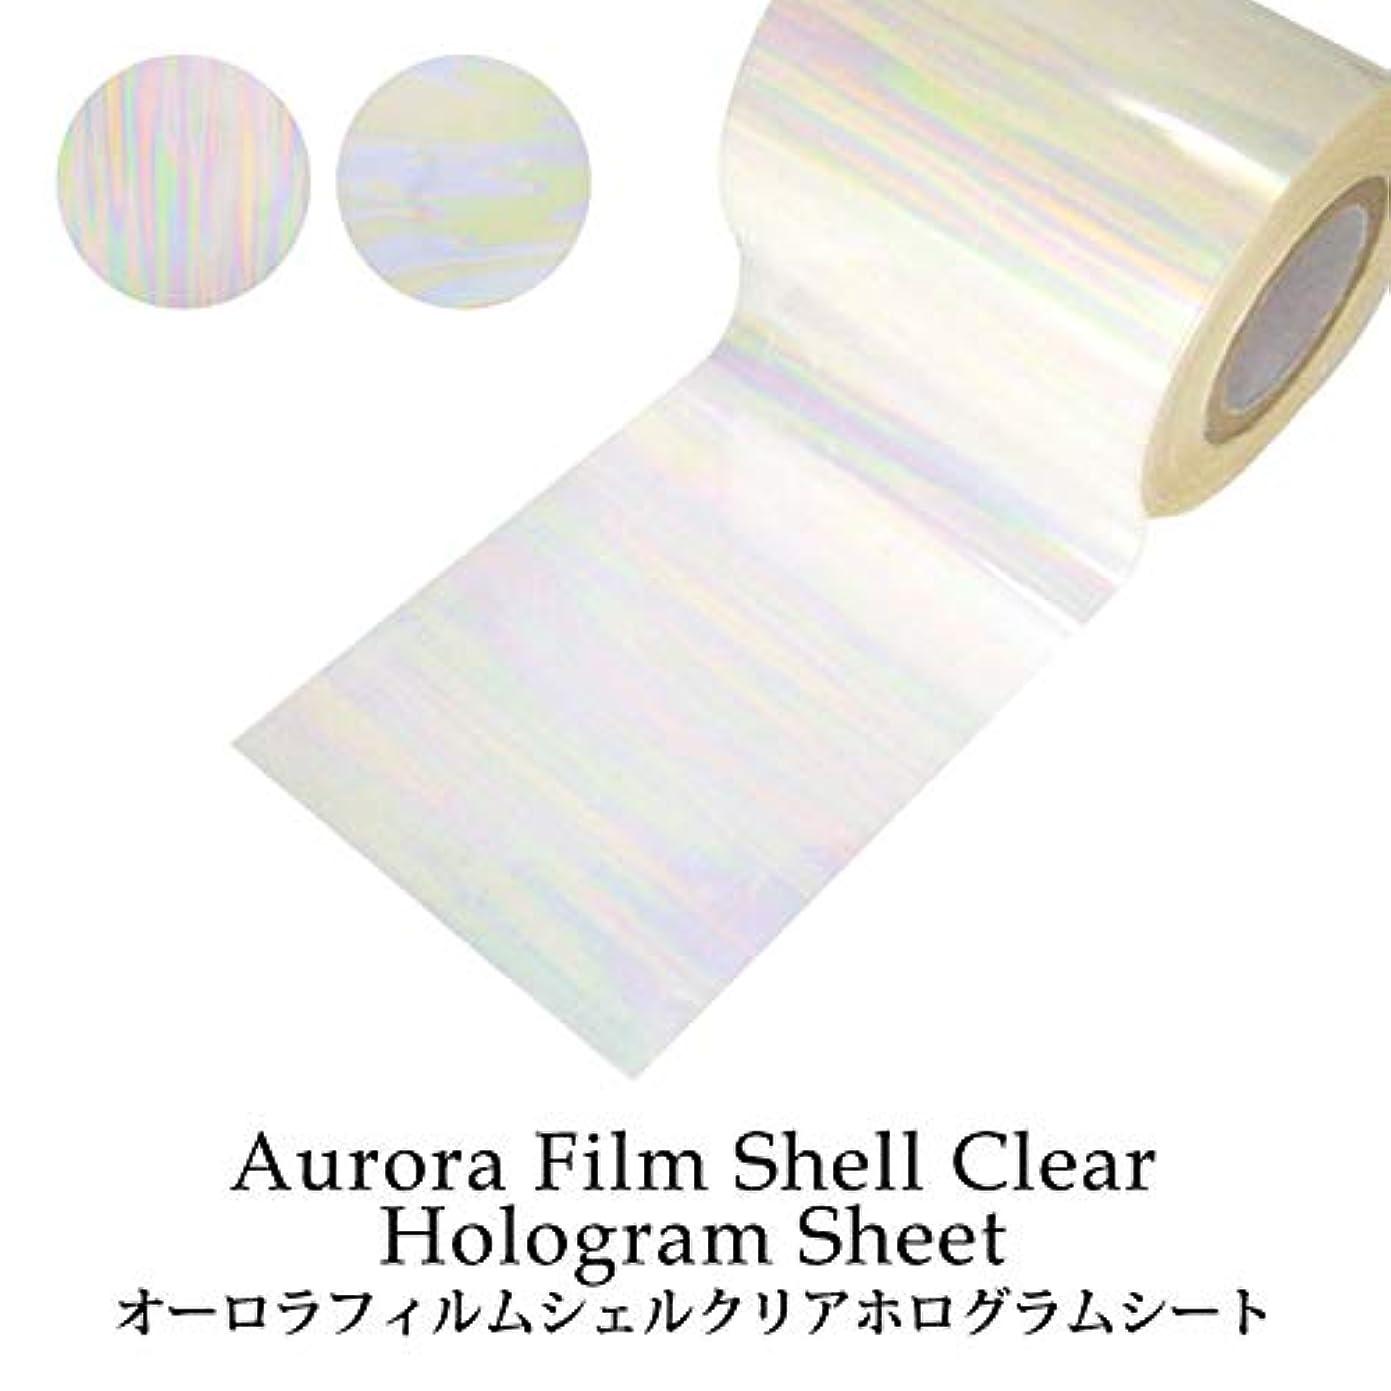 悲鳴個人的にリークオーロラフィルム シェルクリア ホログラムシート(1-2) 1枚入り (1.シェルクリア(縦))